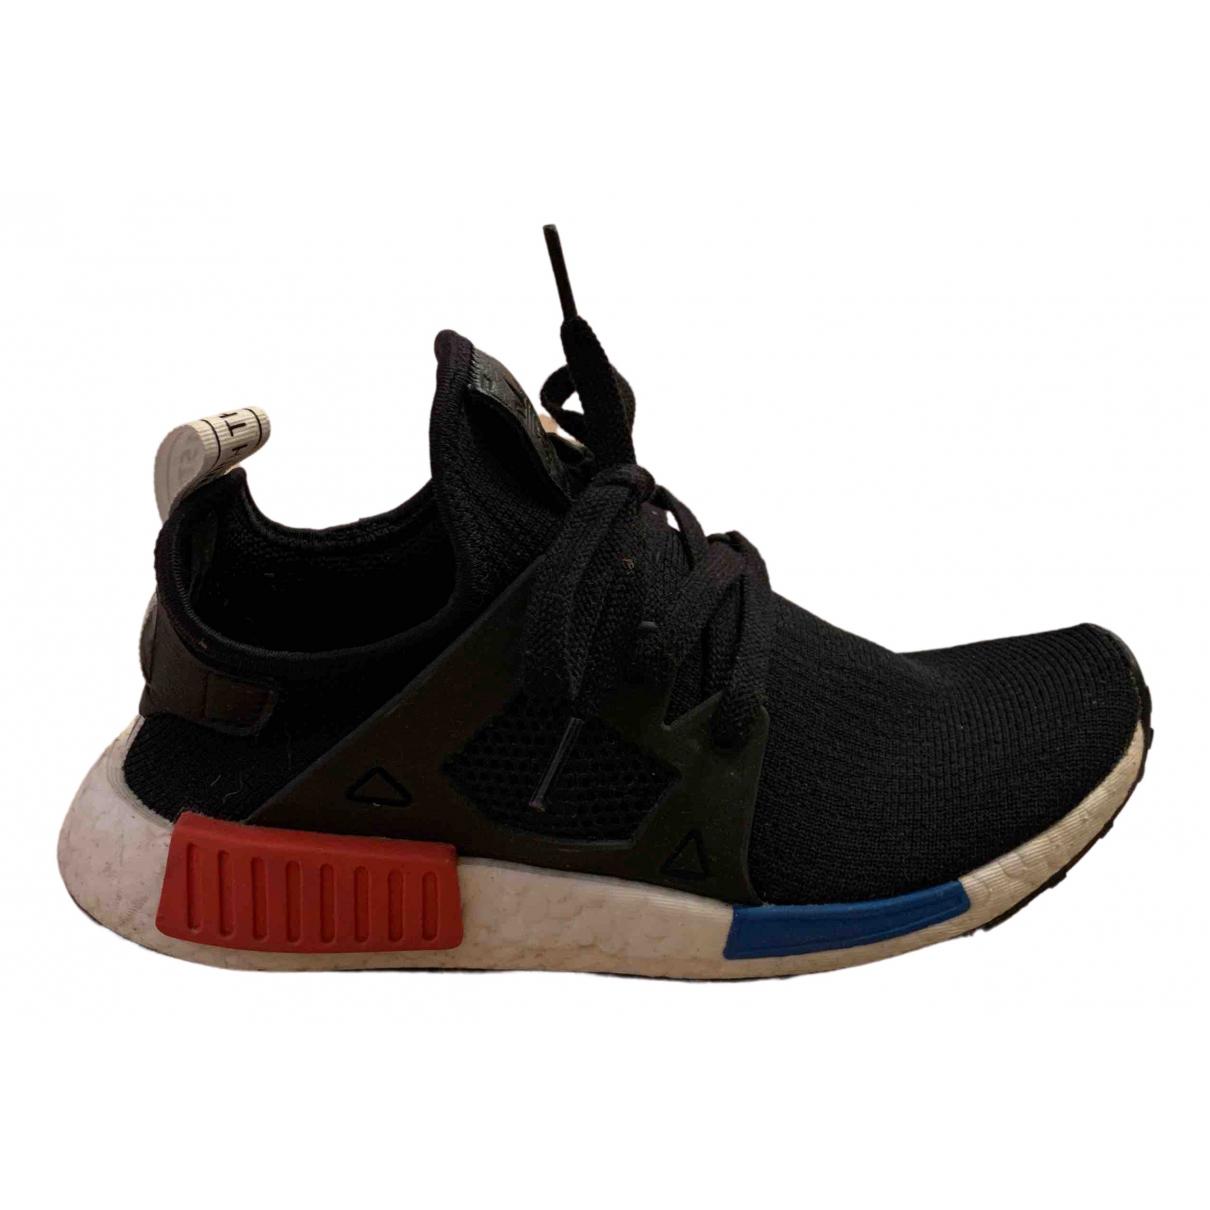 Adidas - Baskets Nmd pour femme - noir